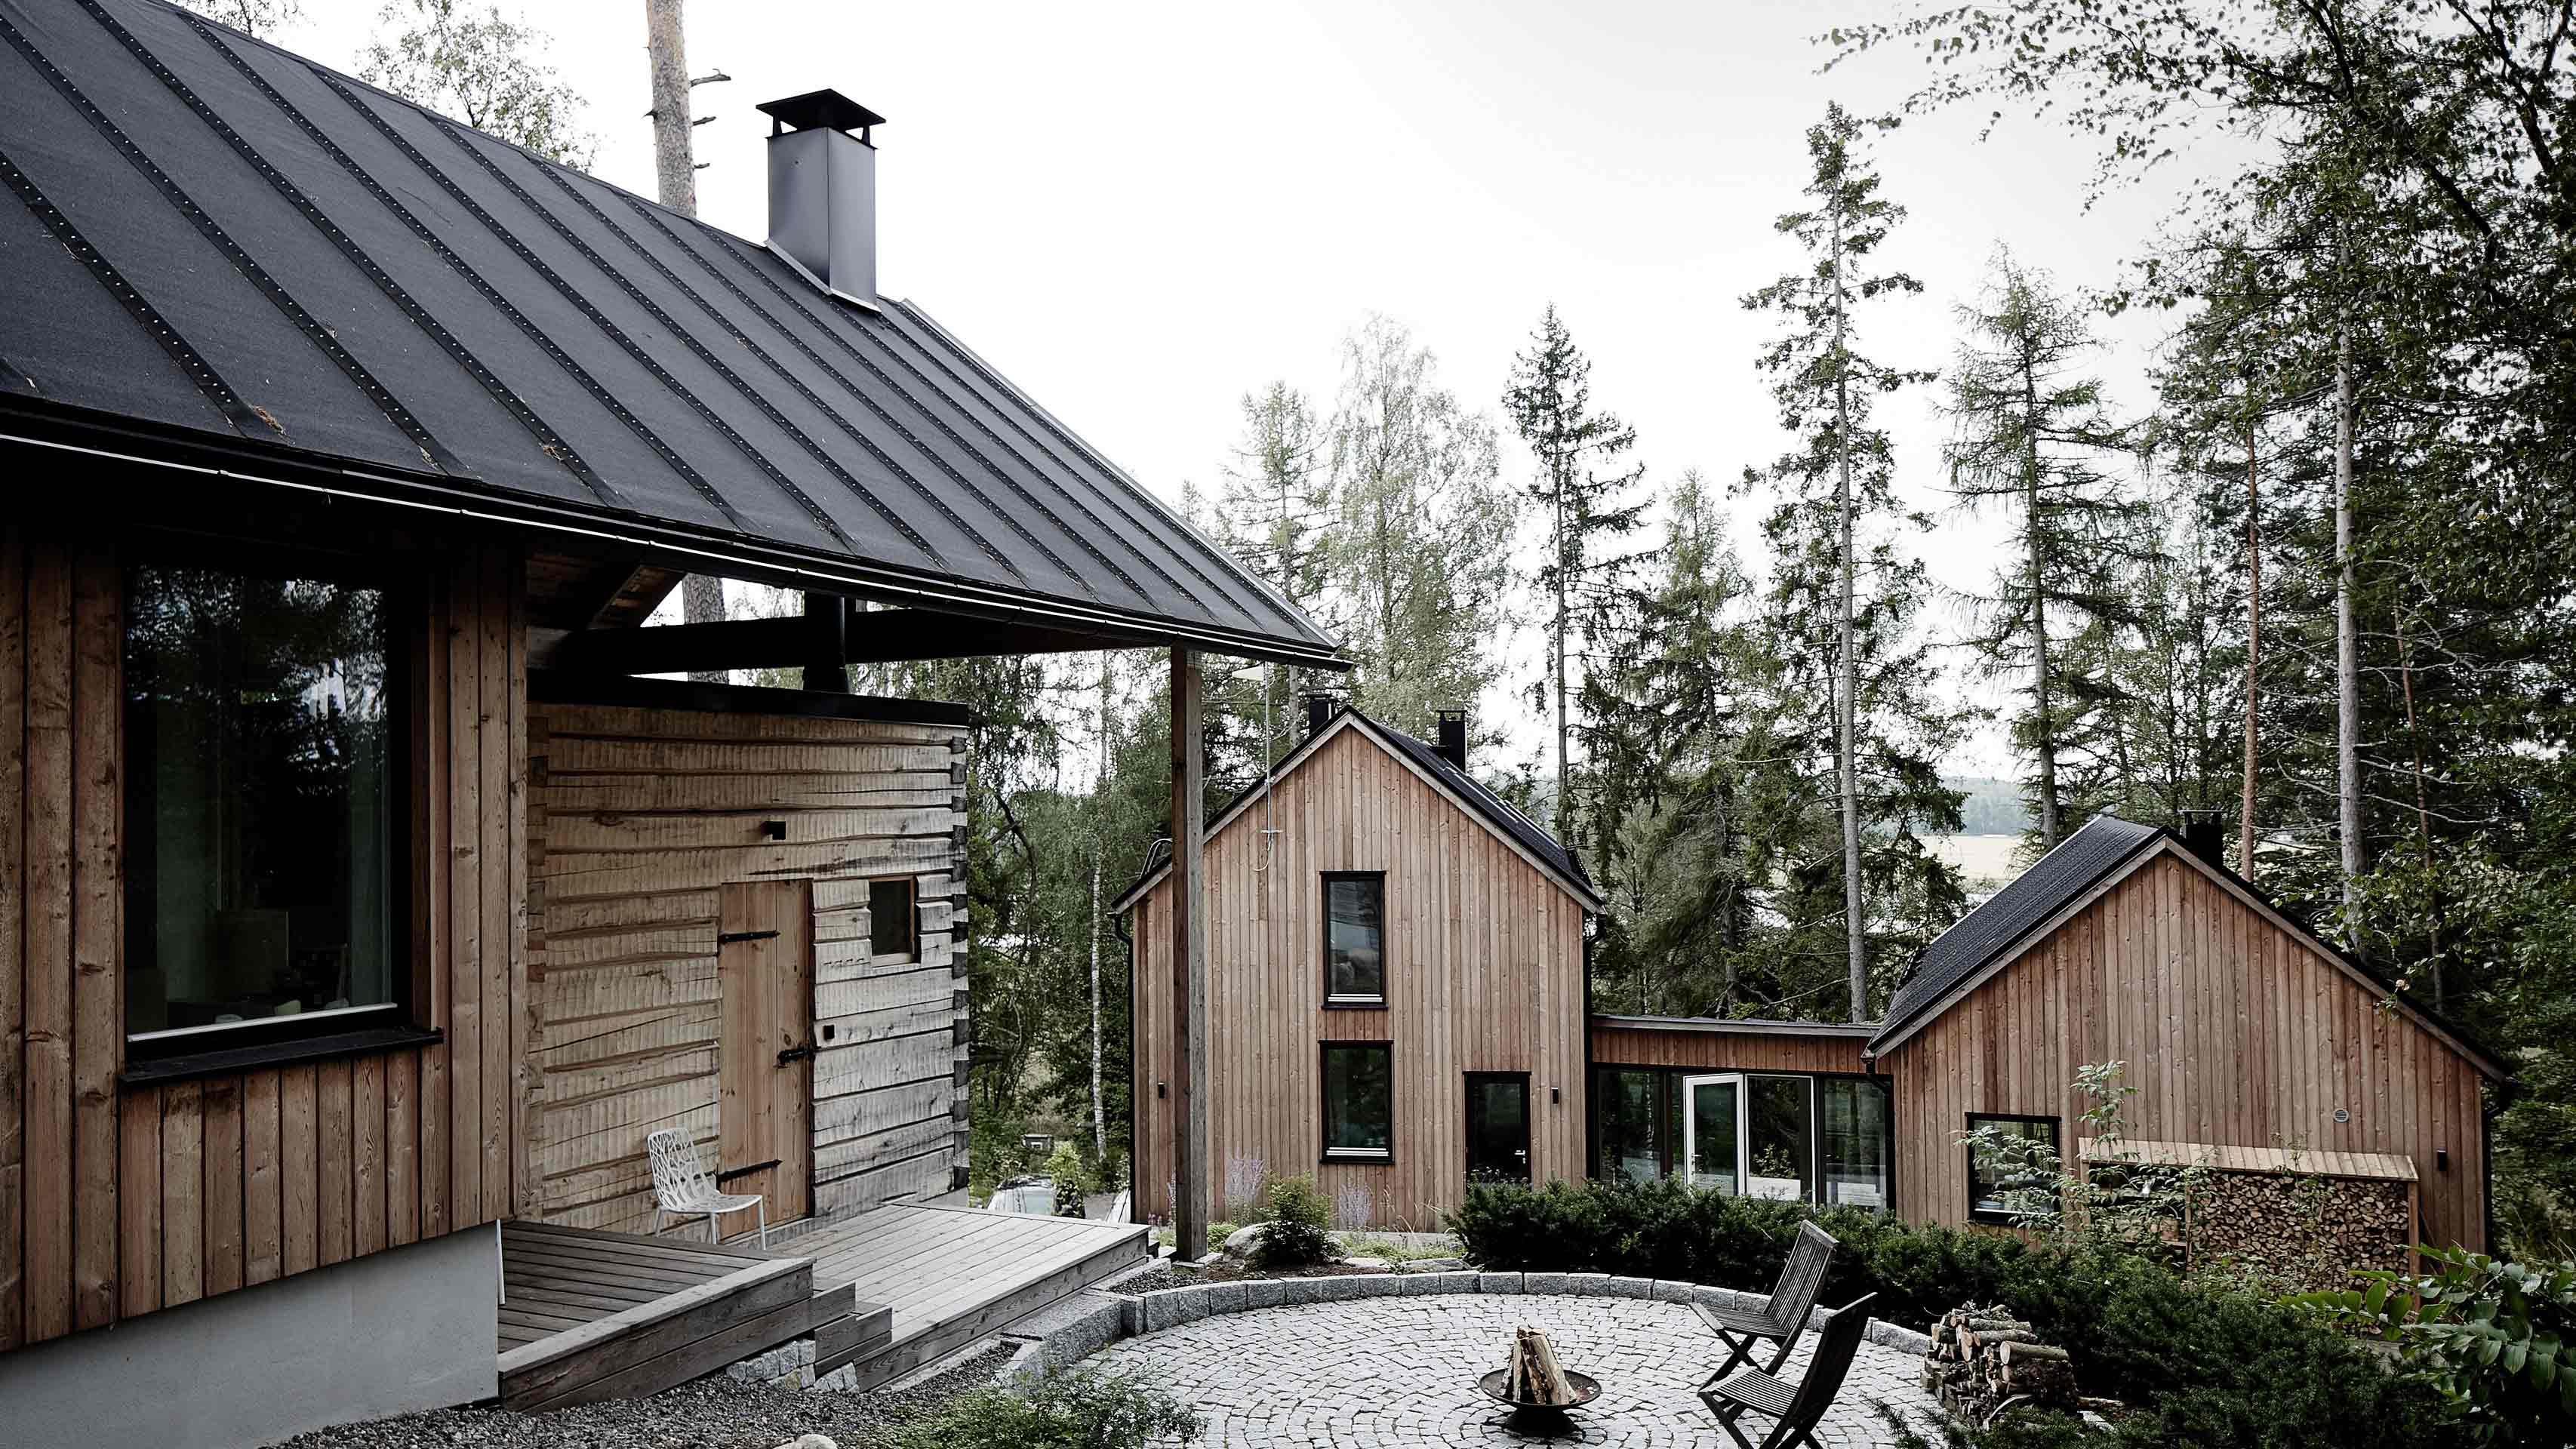 Puutalo ja työtilat | Villa-Huilaus Kaarinaan